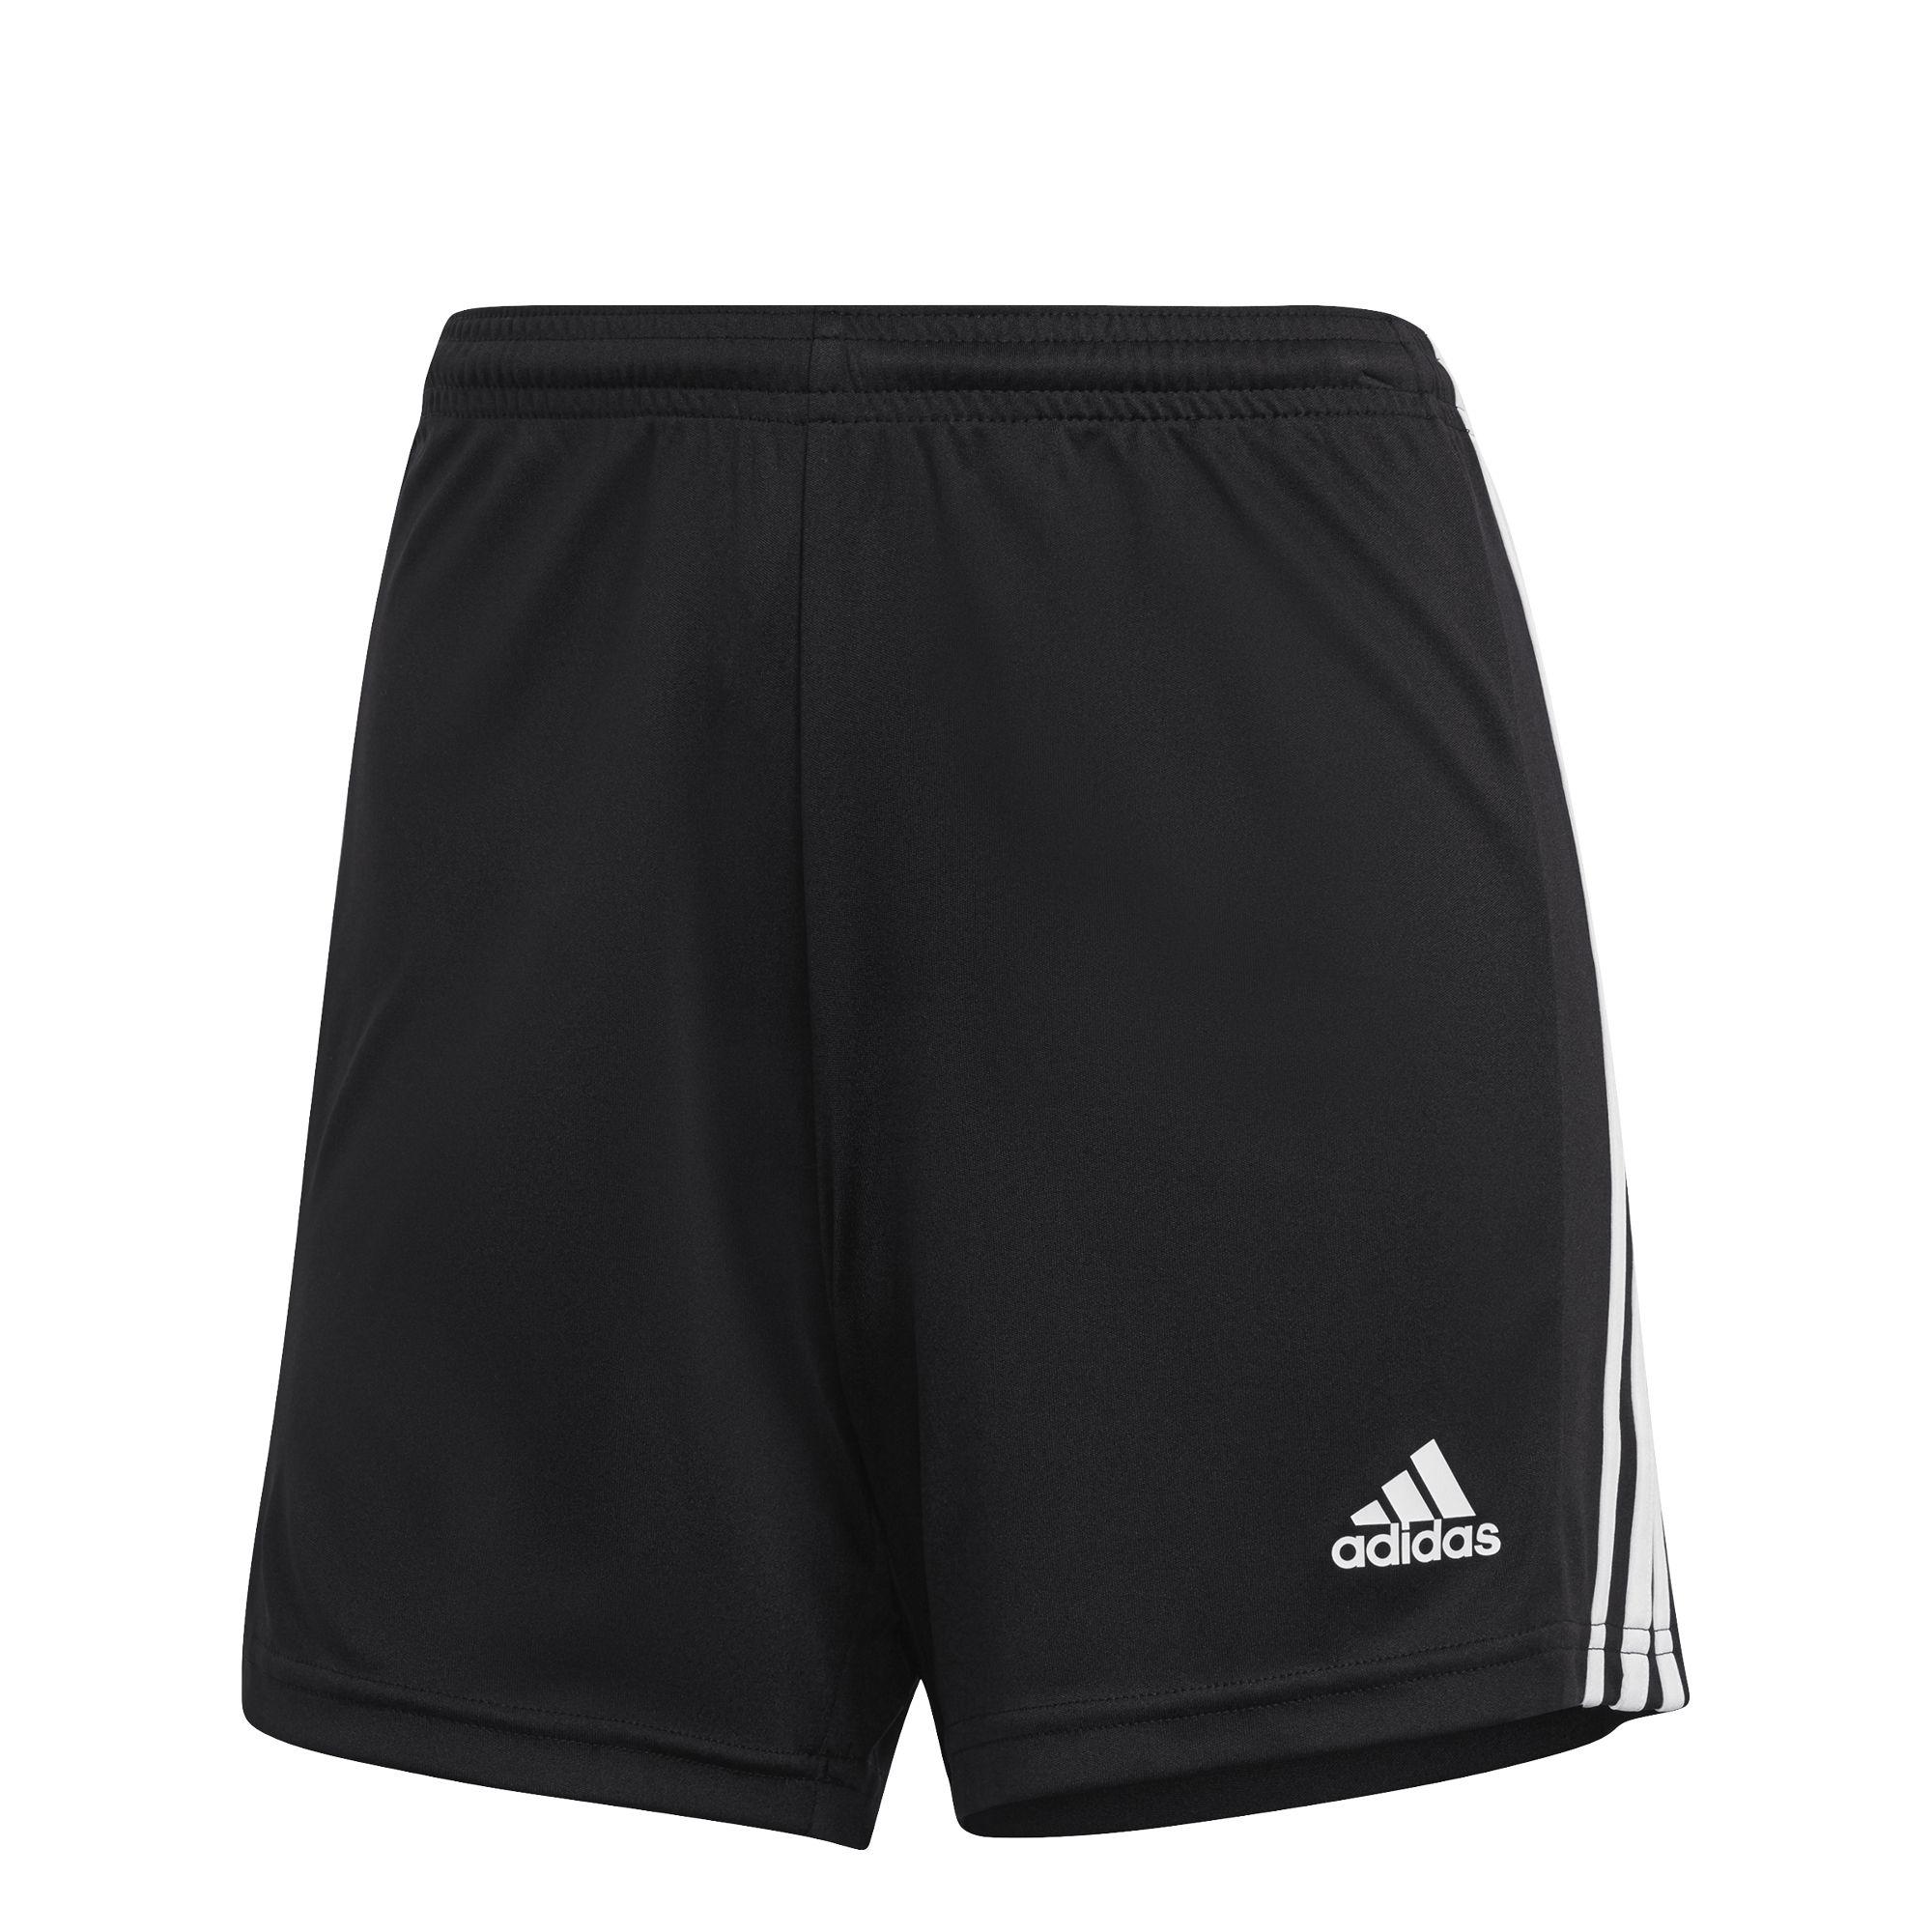 adidas Squadra 21 Voetbalbroekje Vrouwen Zwart Wit